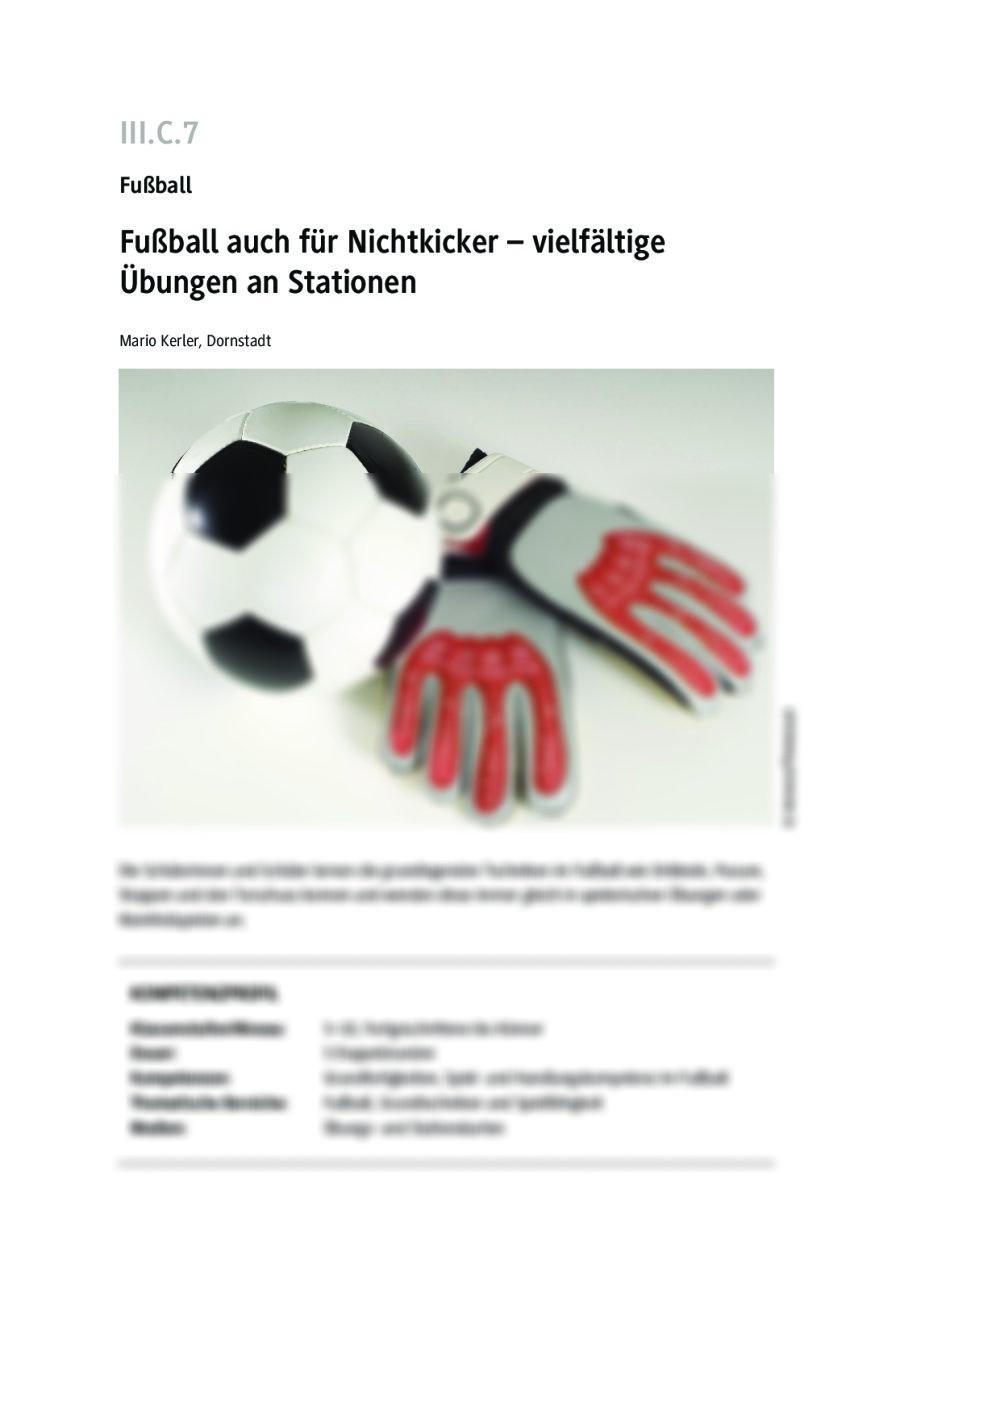 Fußball auch für Nichtkicker - Seite 1